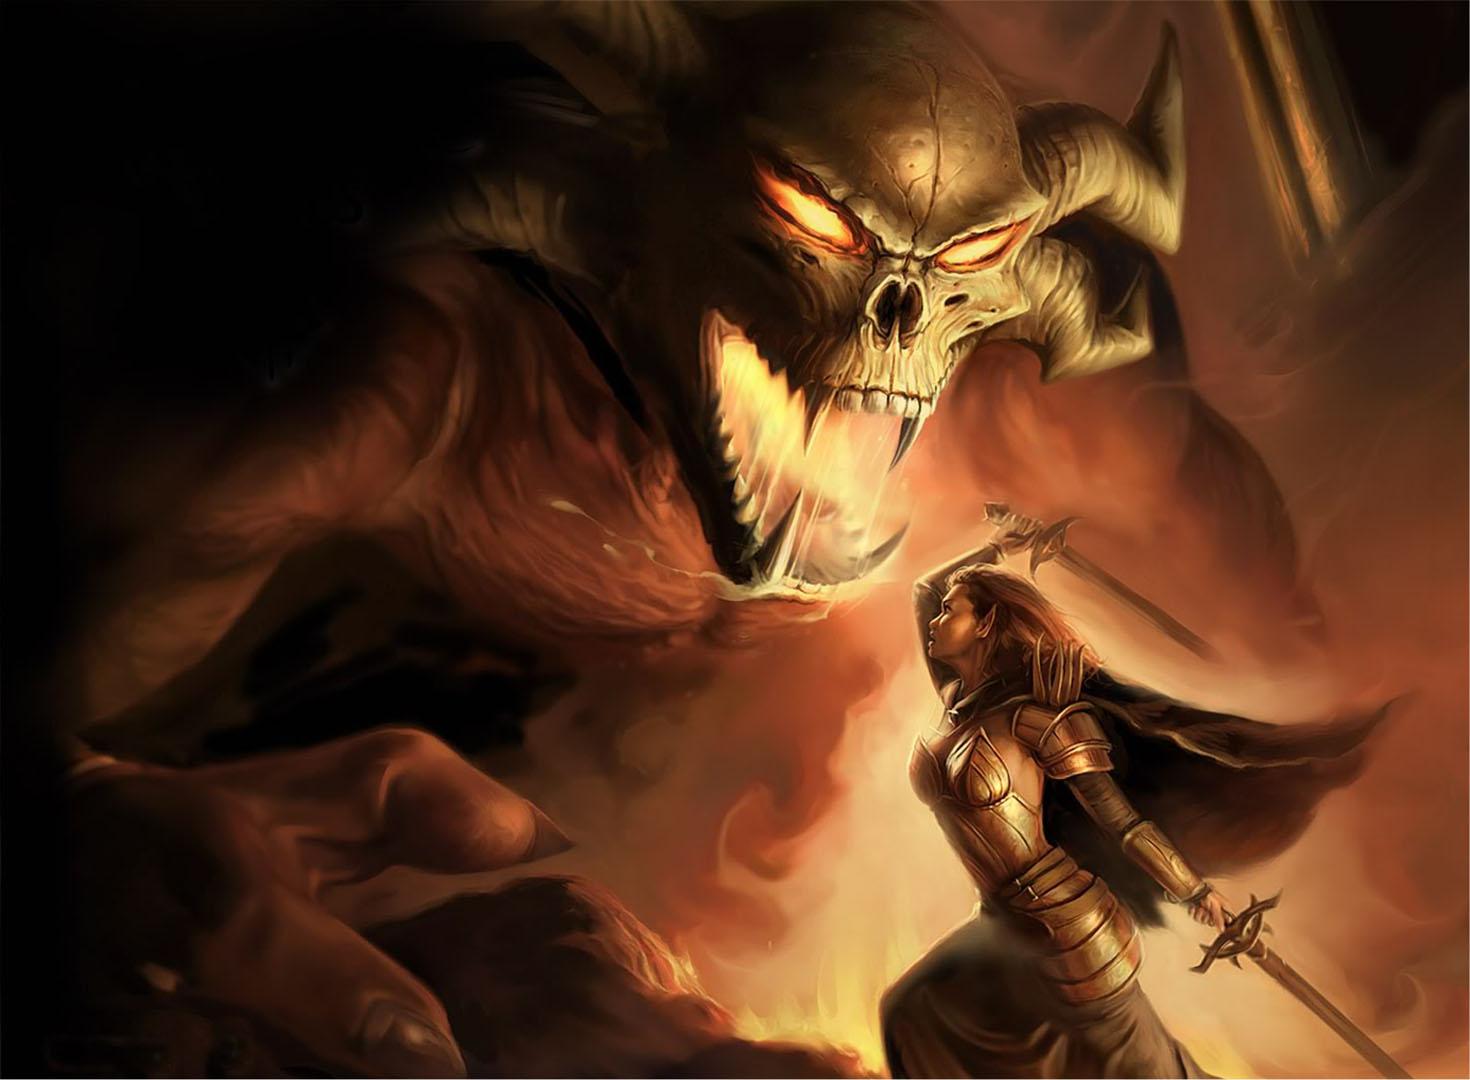 Elven Female Fighter Battling Balrog Demon